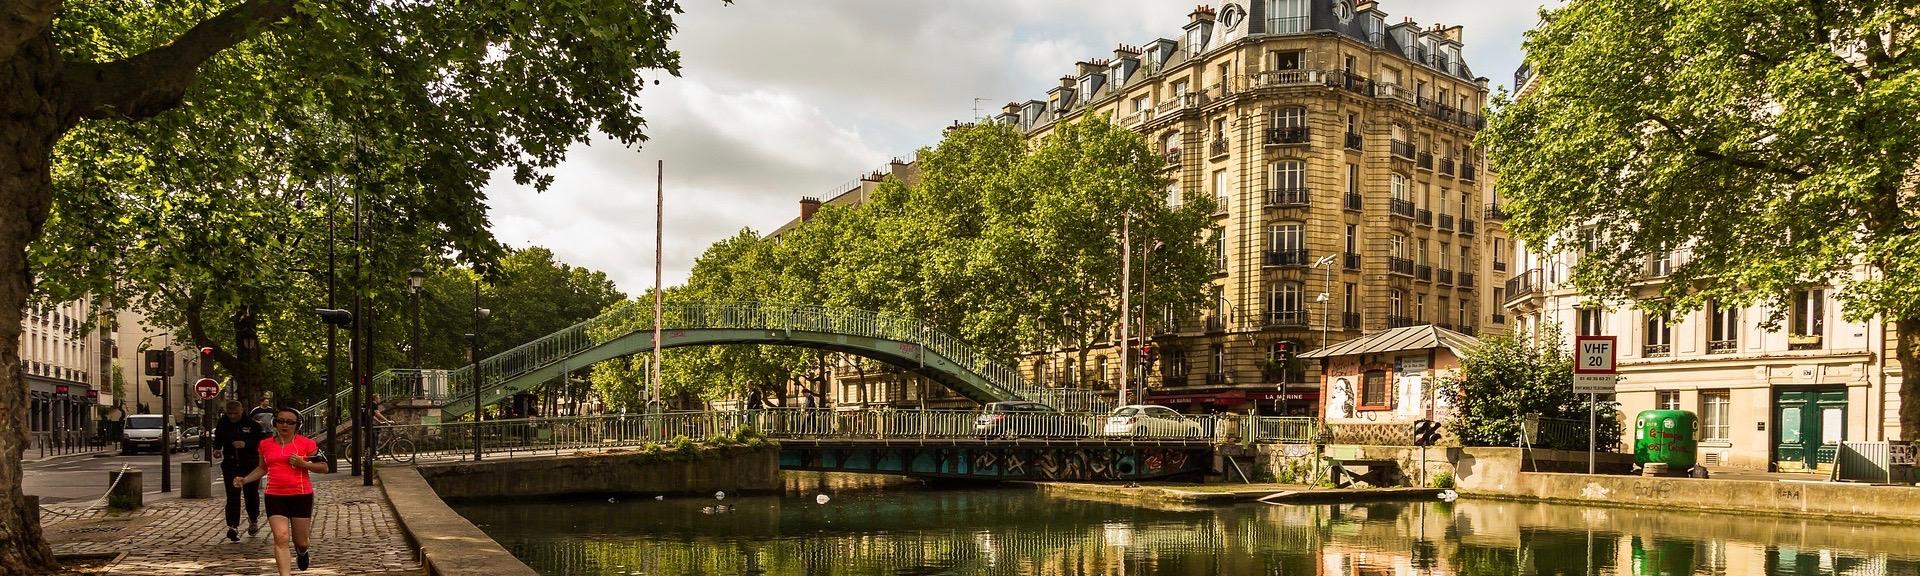 où promener son chien à Paris ?